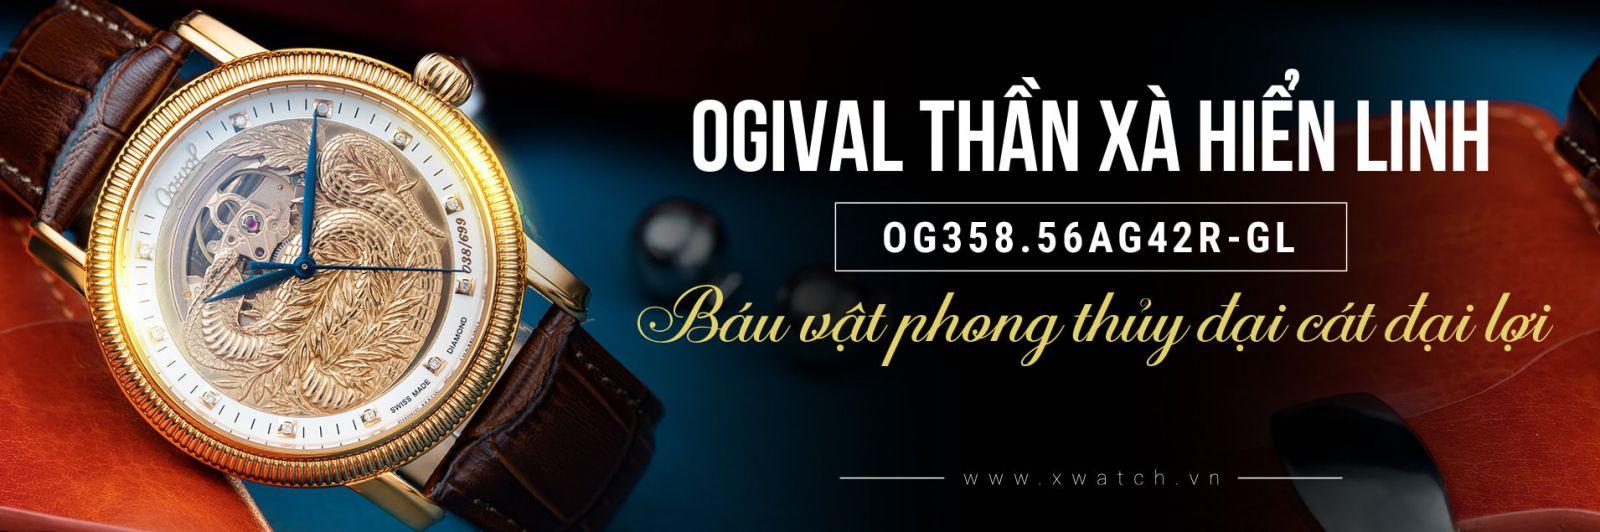 Ogival Thần Xà Dũng Mãnh OG358.56AG42R-GL